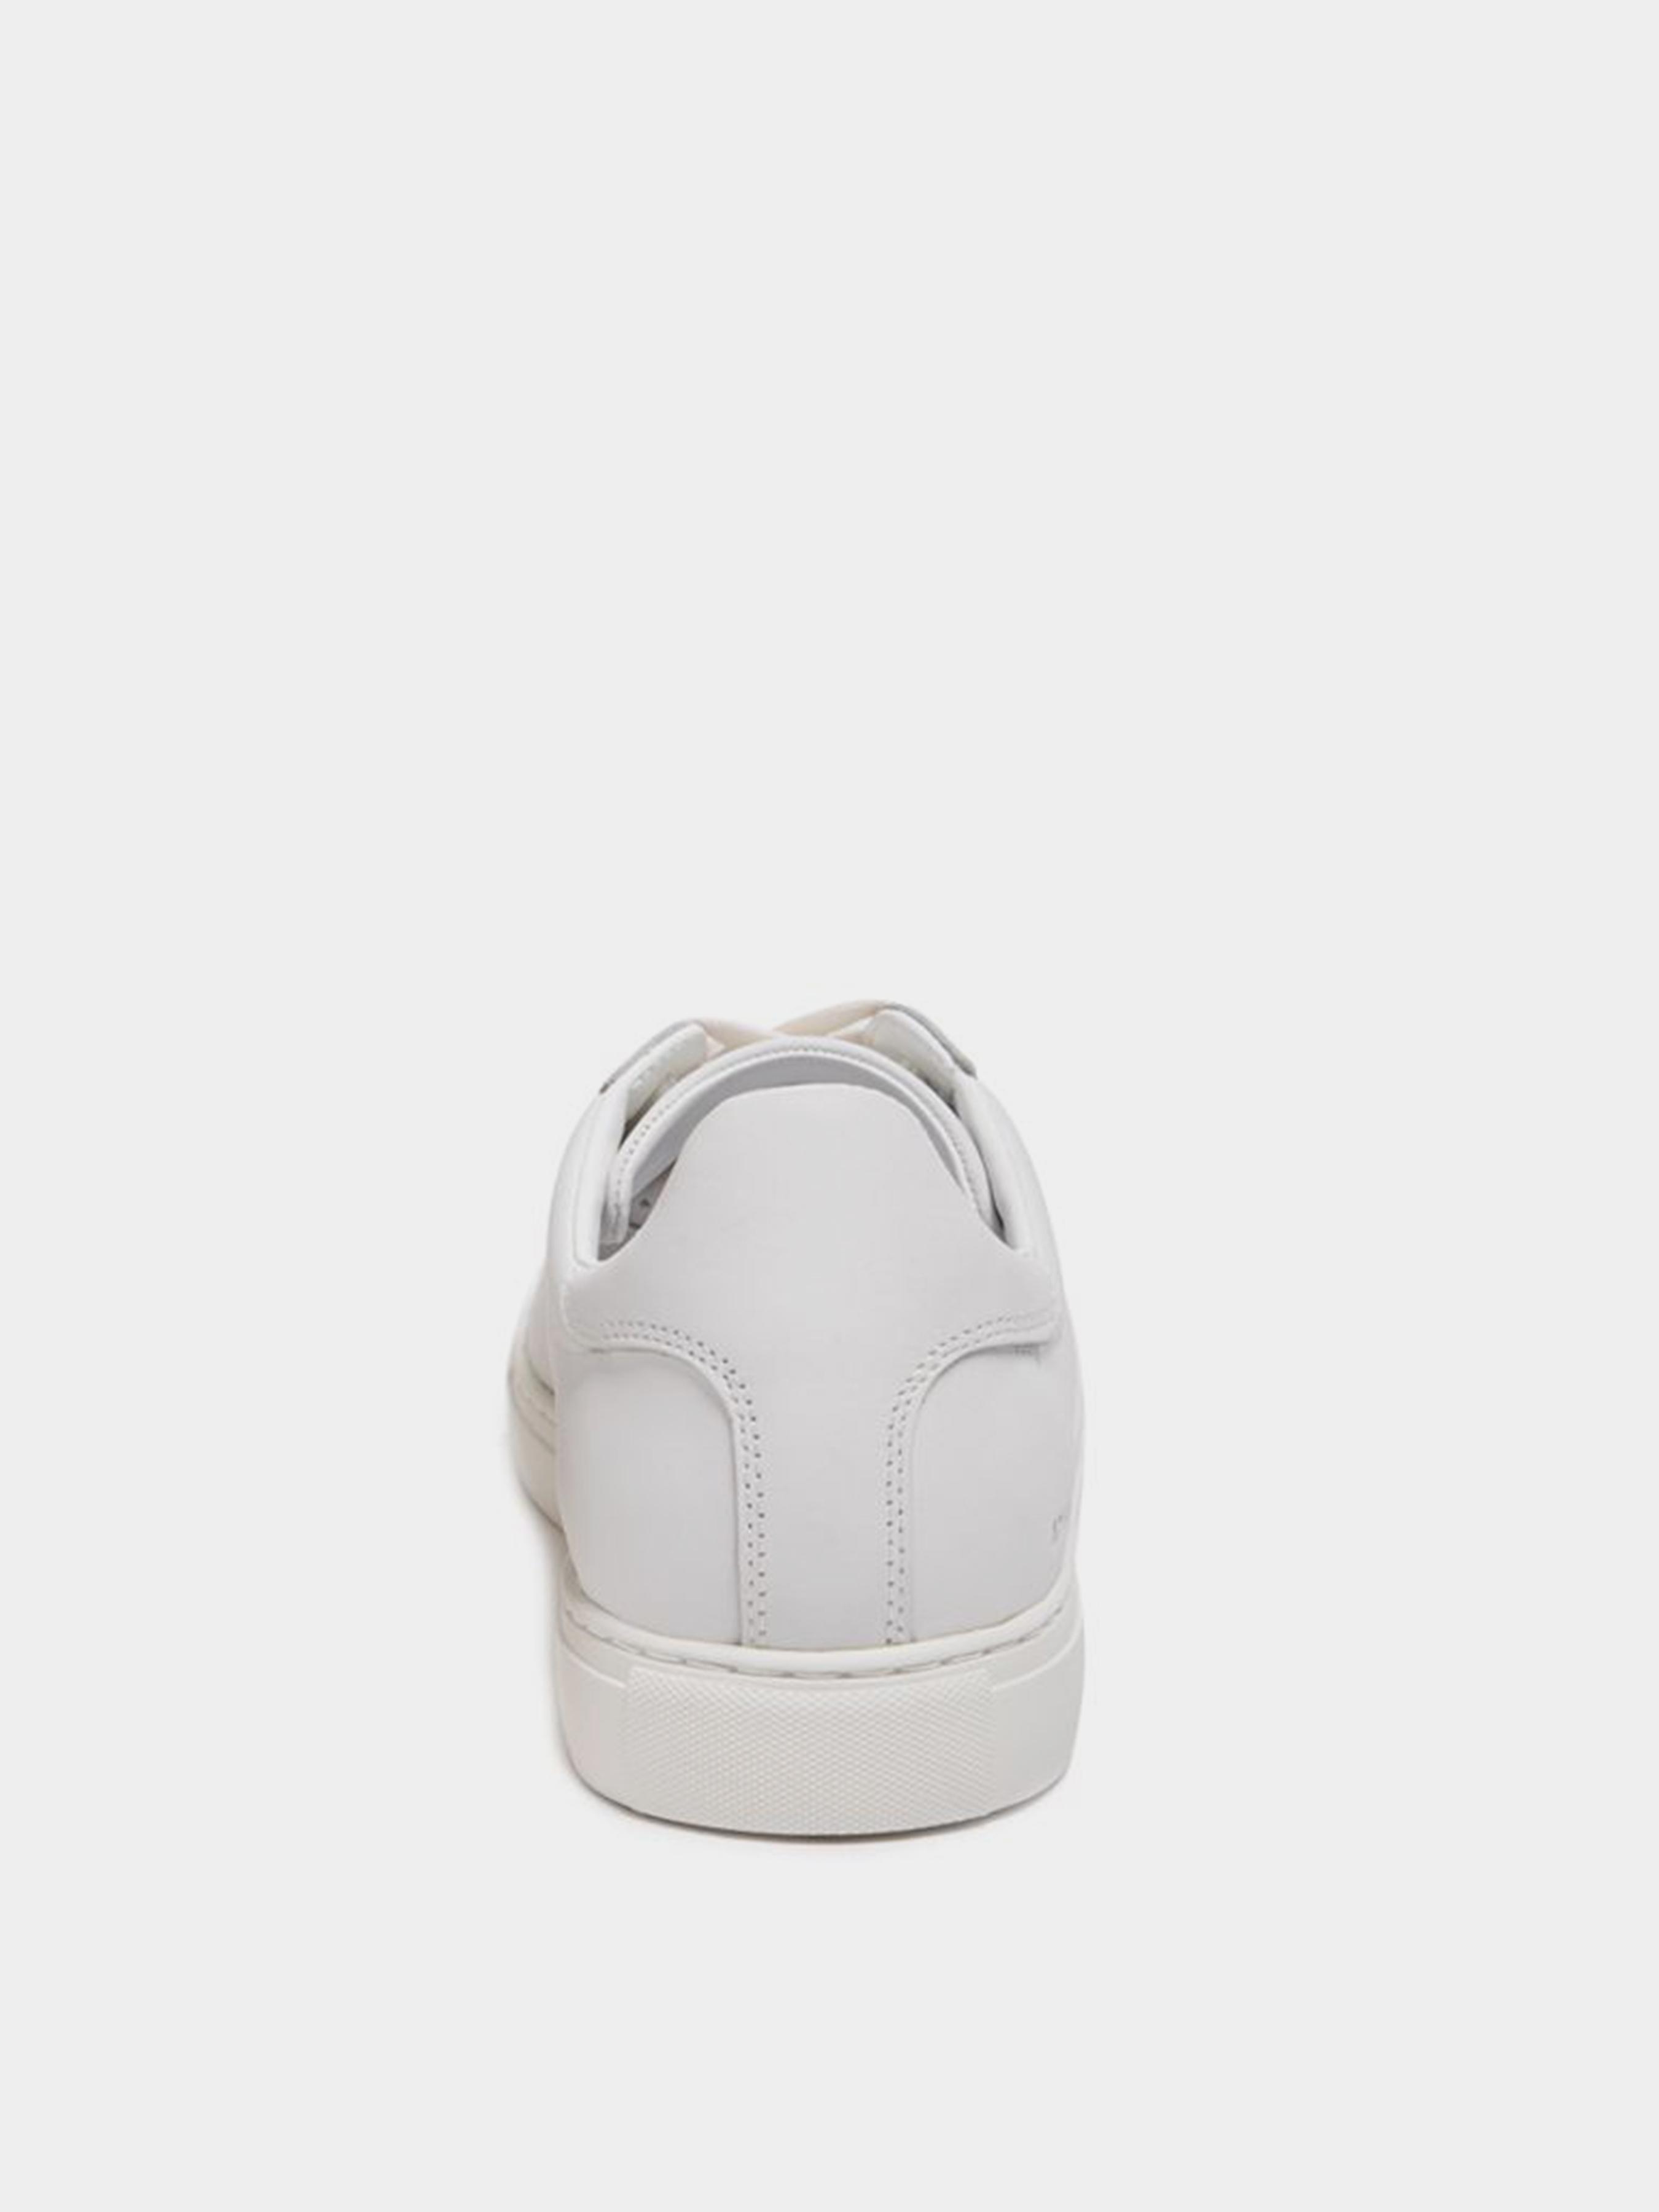 Кроссовки для мужчин Armani Exchange SNK FOULARD COW LEAT OV126 цена, 2017